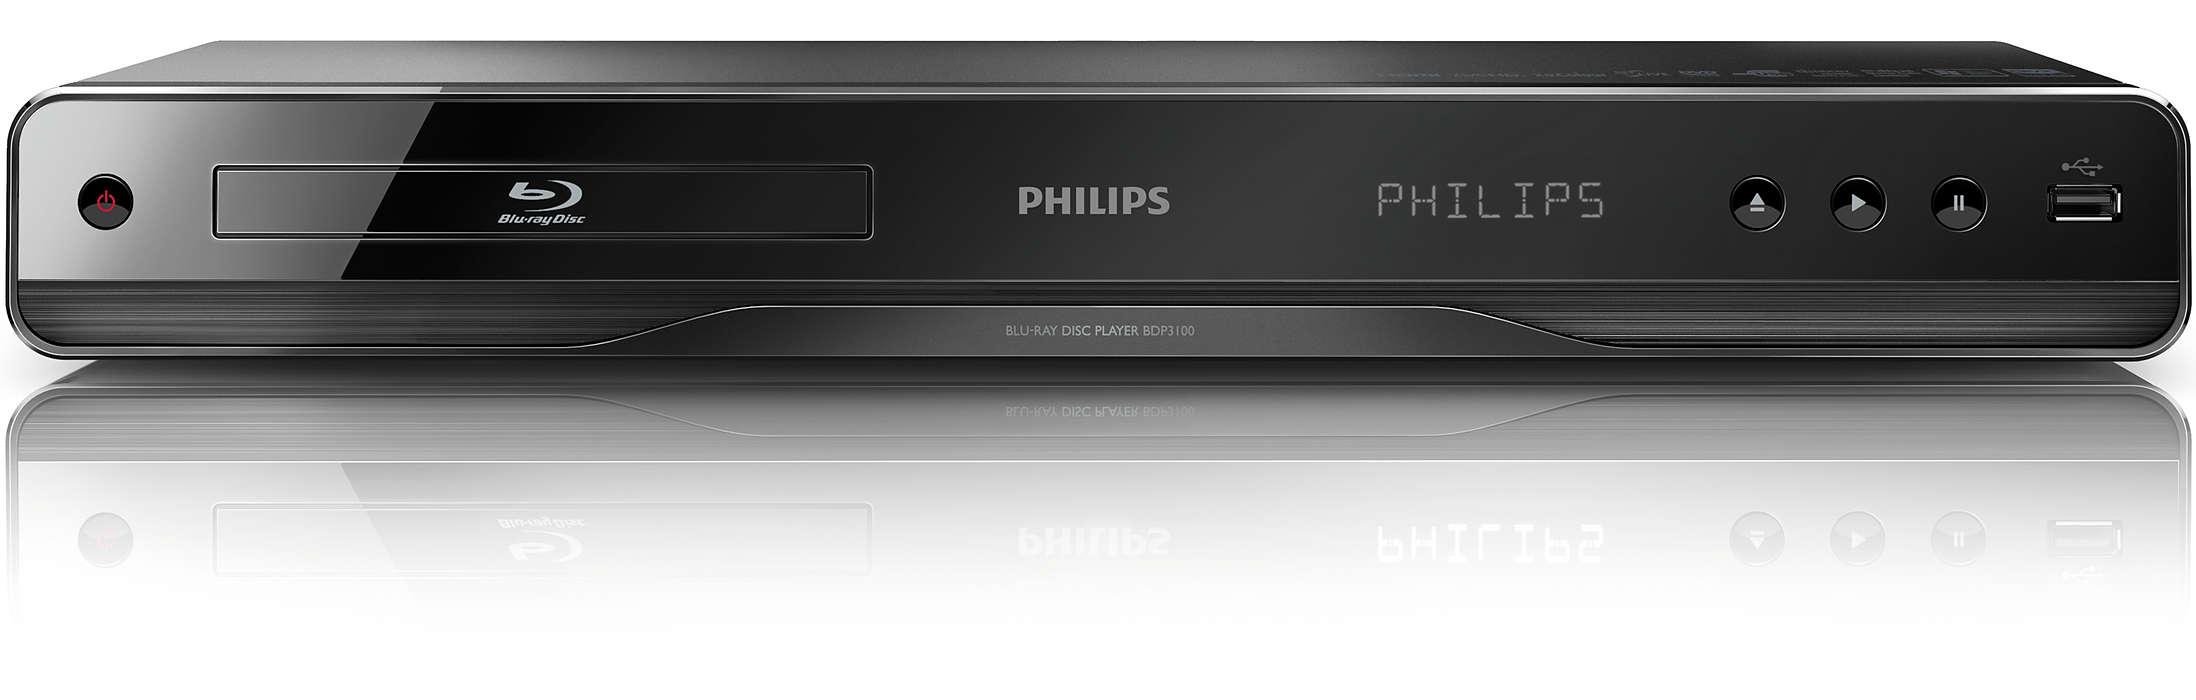 Odkryj wyjątkową jakość technologii Blu-ray